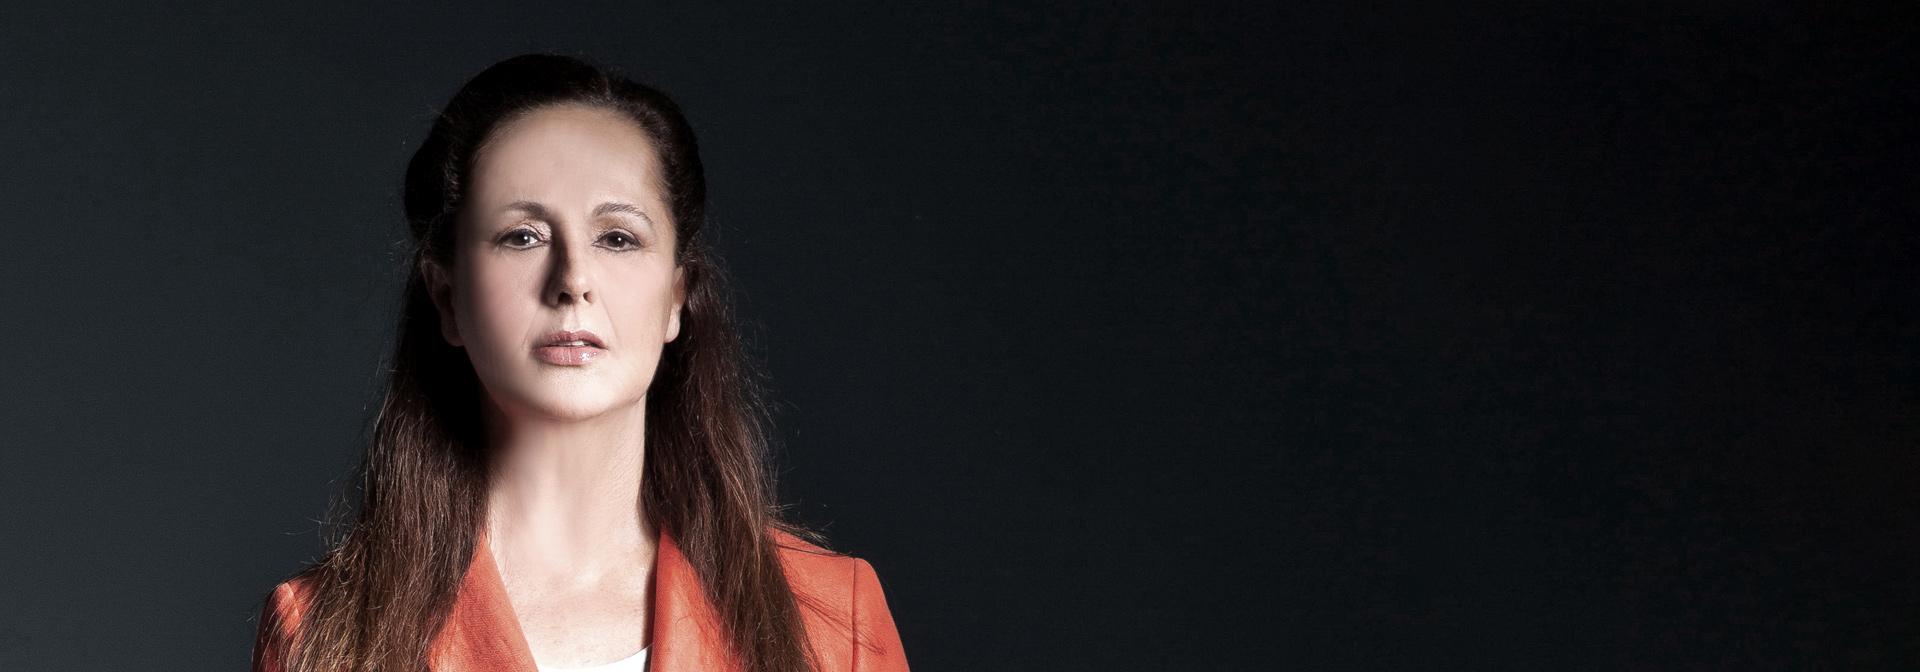 חמישים הנשים המשפיעות לשנת 2017 - אירית איזיקסון / צילום: רמי זרנגר